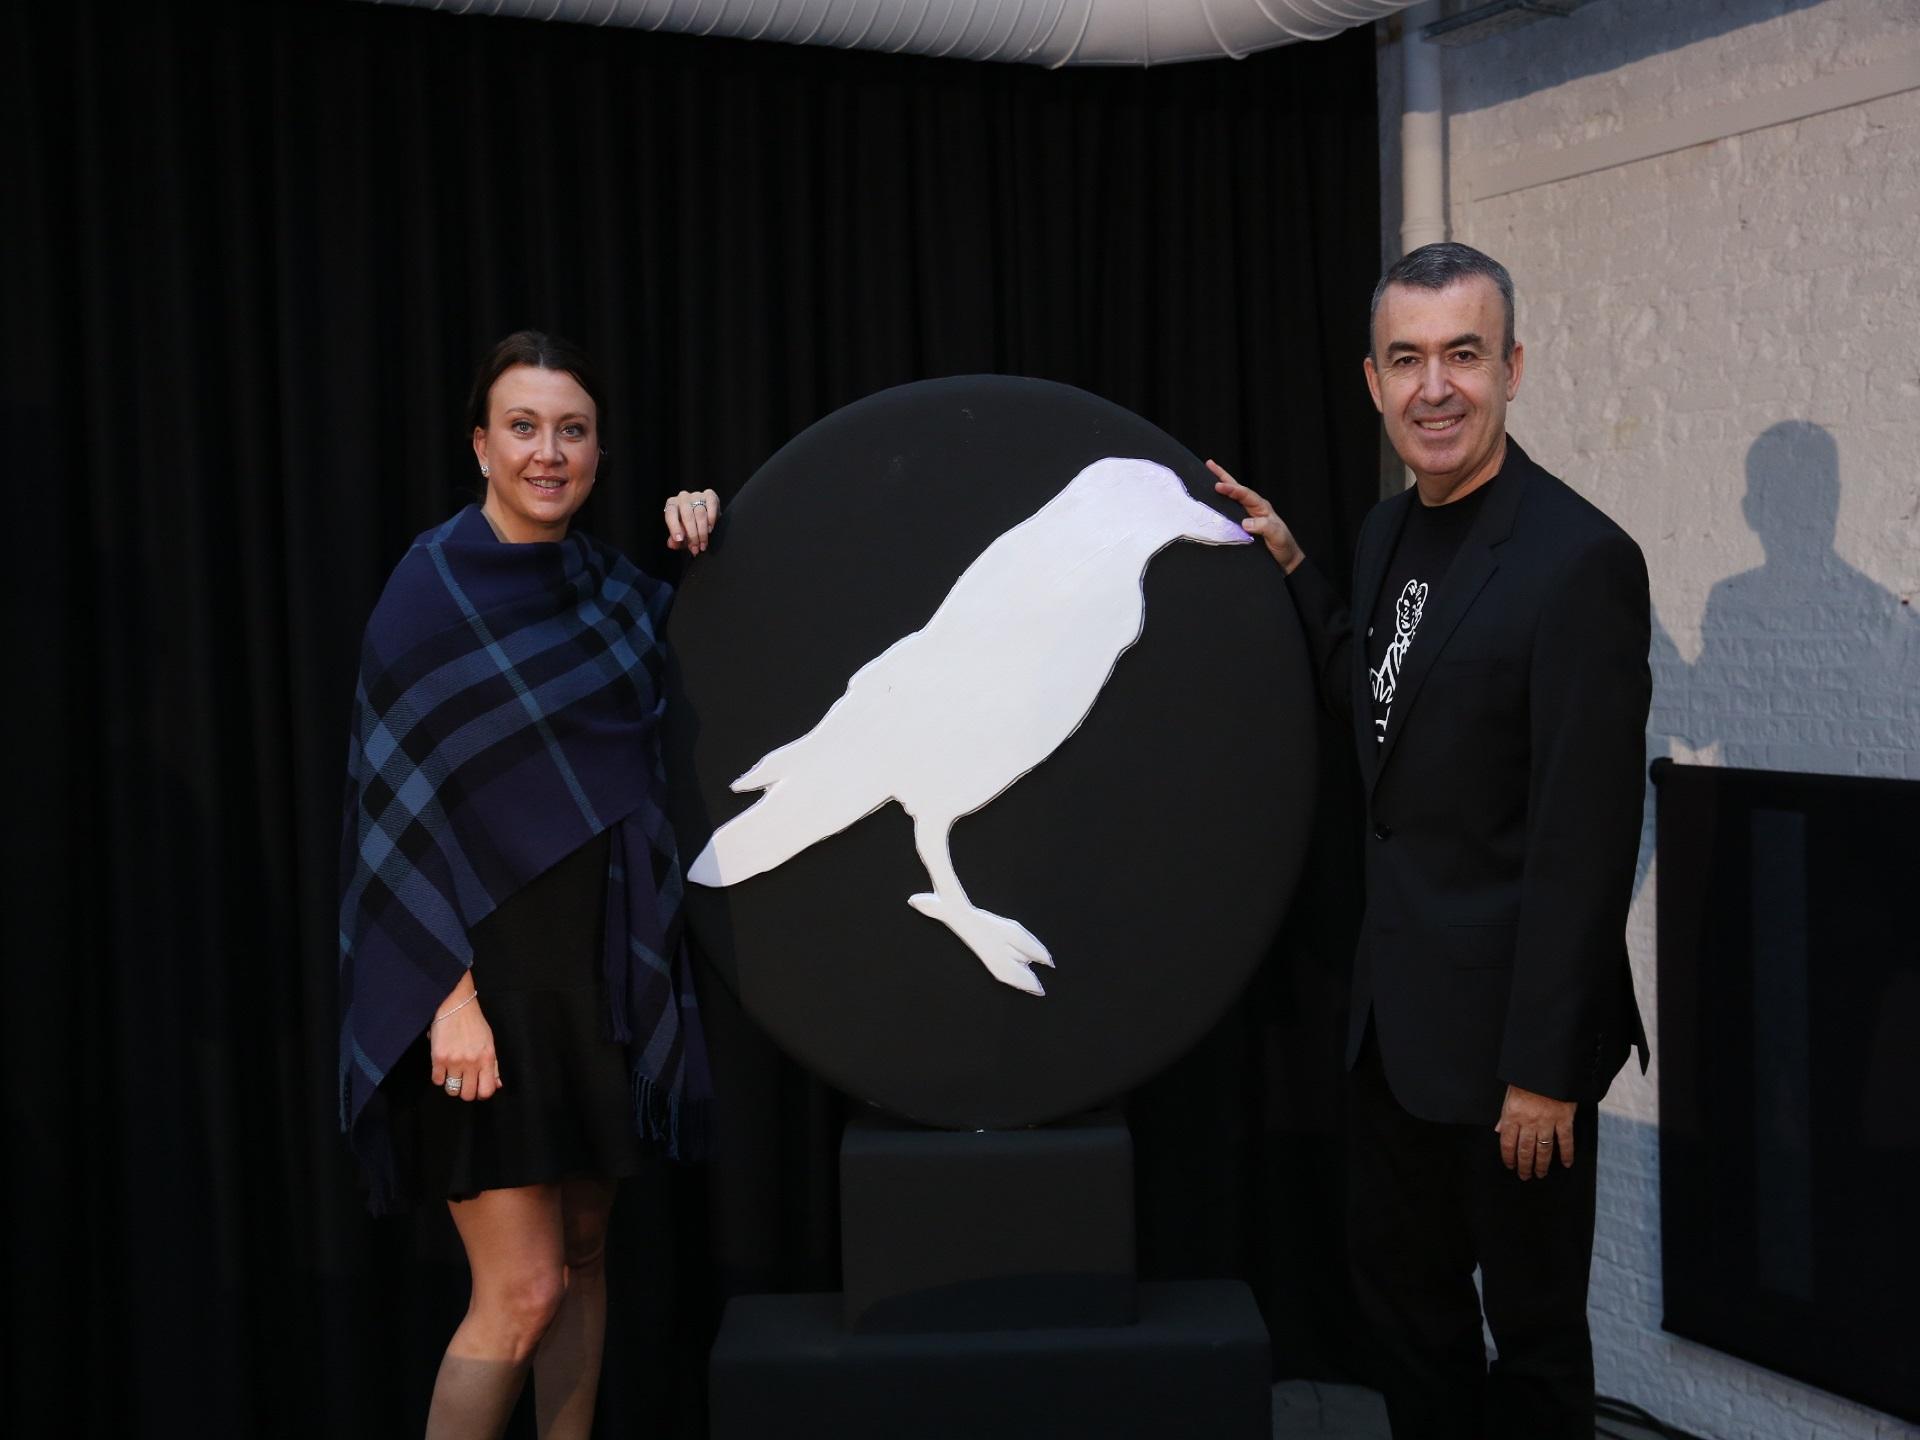 Lorenzo Silva, escritor y comisario del festival, y Camila Läckberg inaugurando la XI edicición de 'Getafe Negro'. Imagen: 'Getafe Negro'